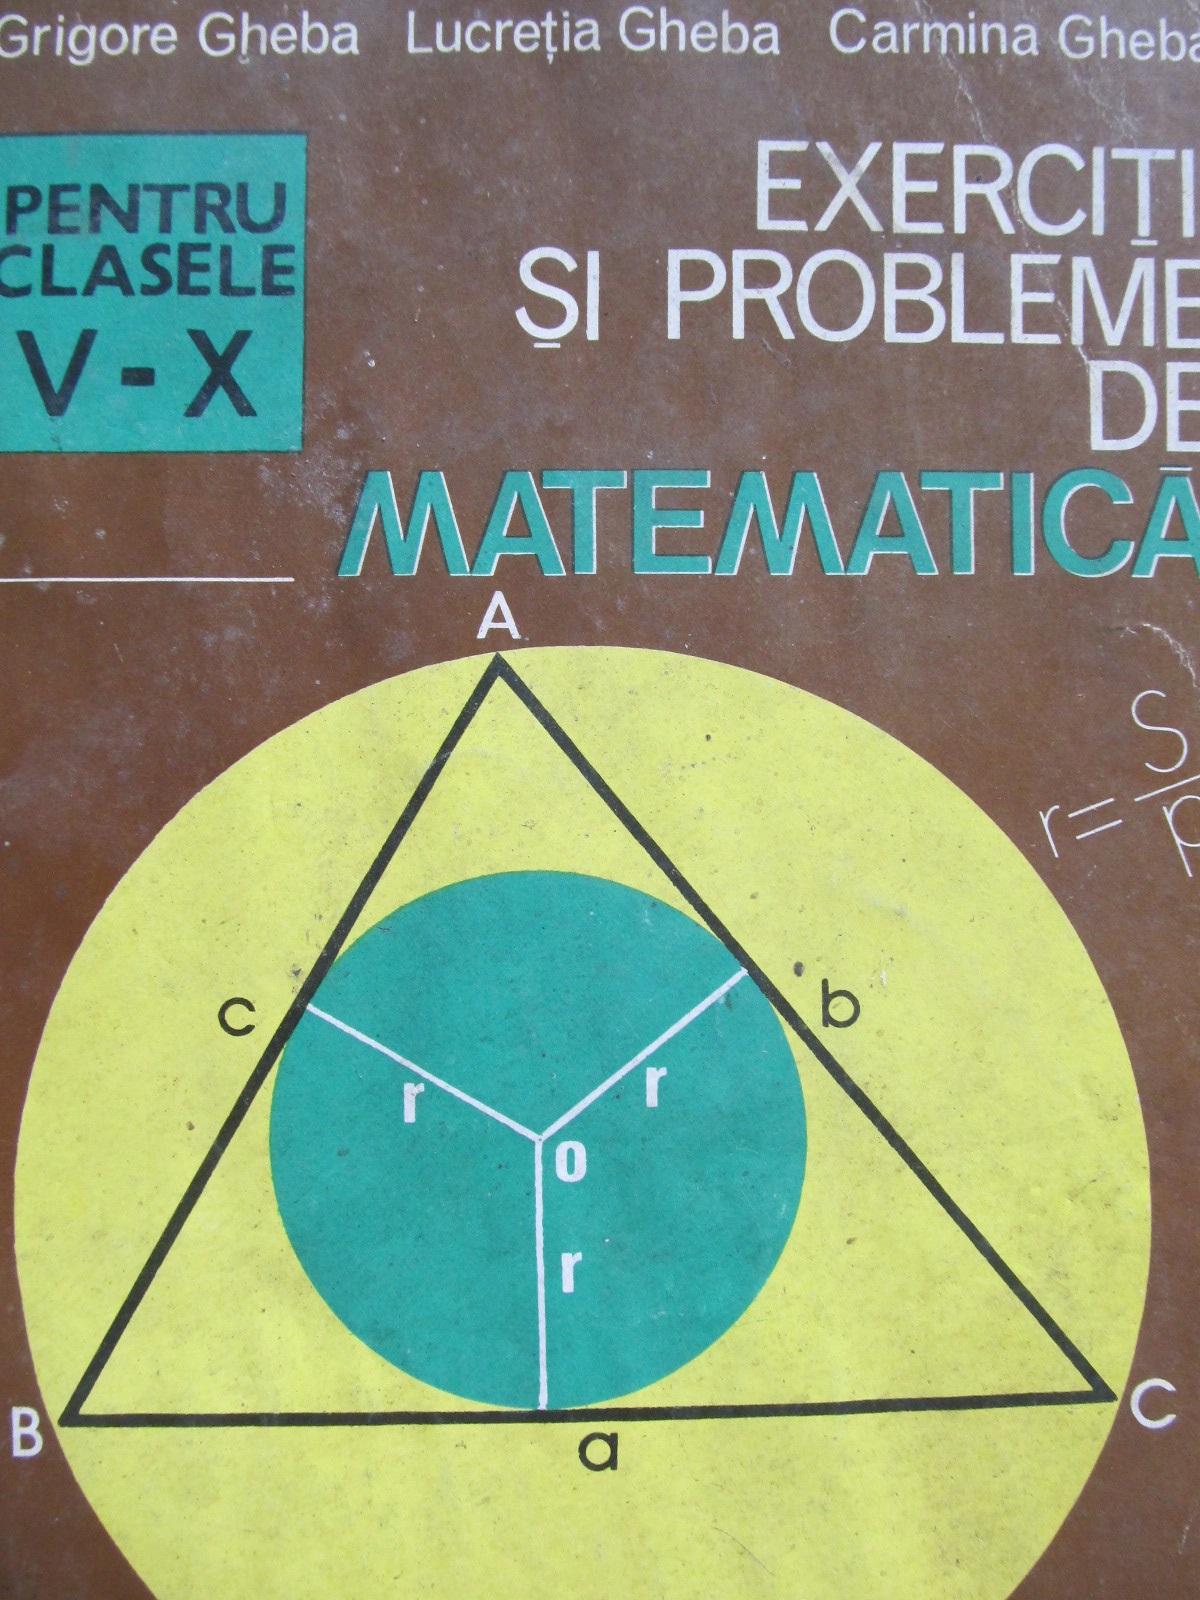 Exercitii si probleme de matematica pentru clasele V - IX - Grigore Gheba , Lucretia Gheba , Carmina Gheba | Detalii carte